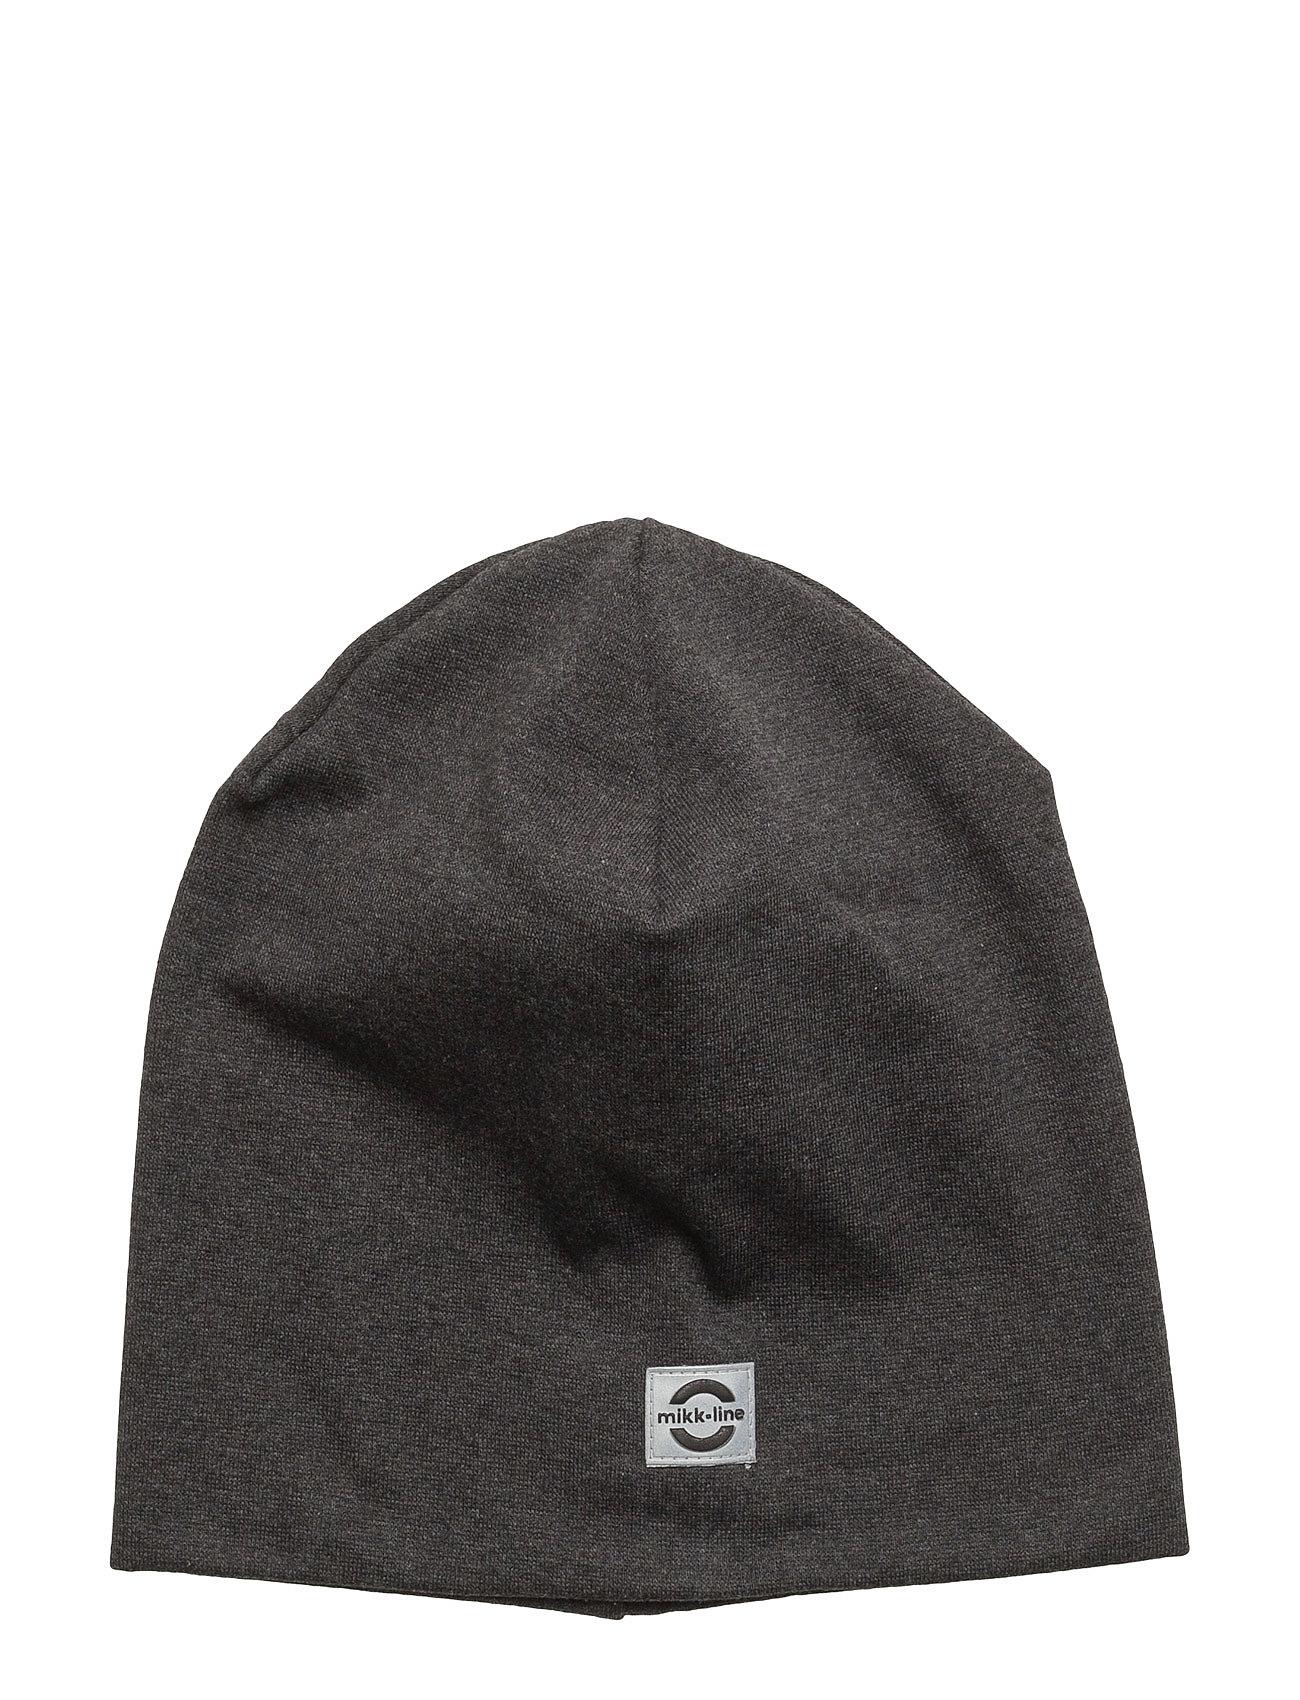 Image of Cotton Hat - Solid Hue Grå MIKK-LINE (2447293151)